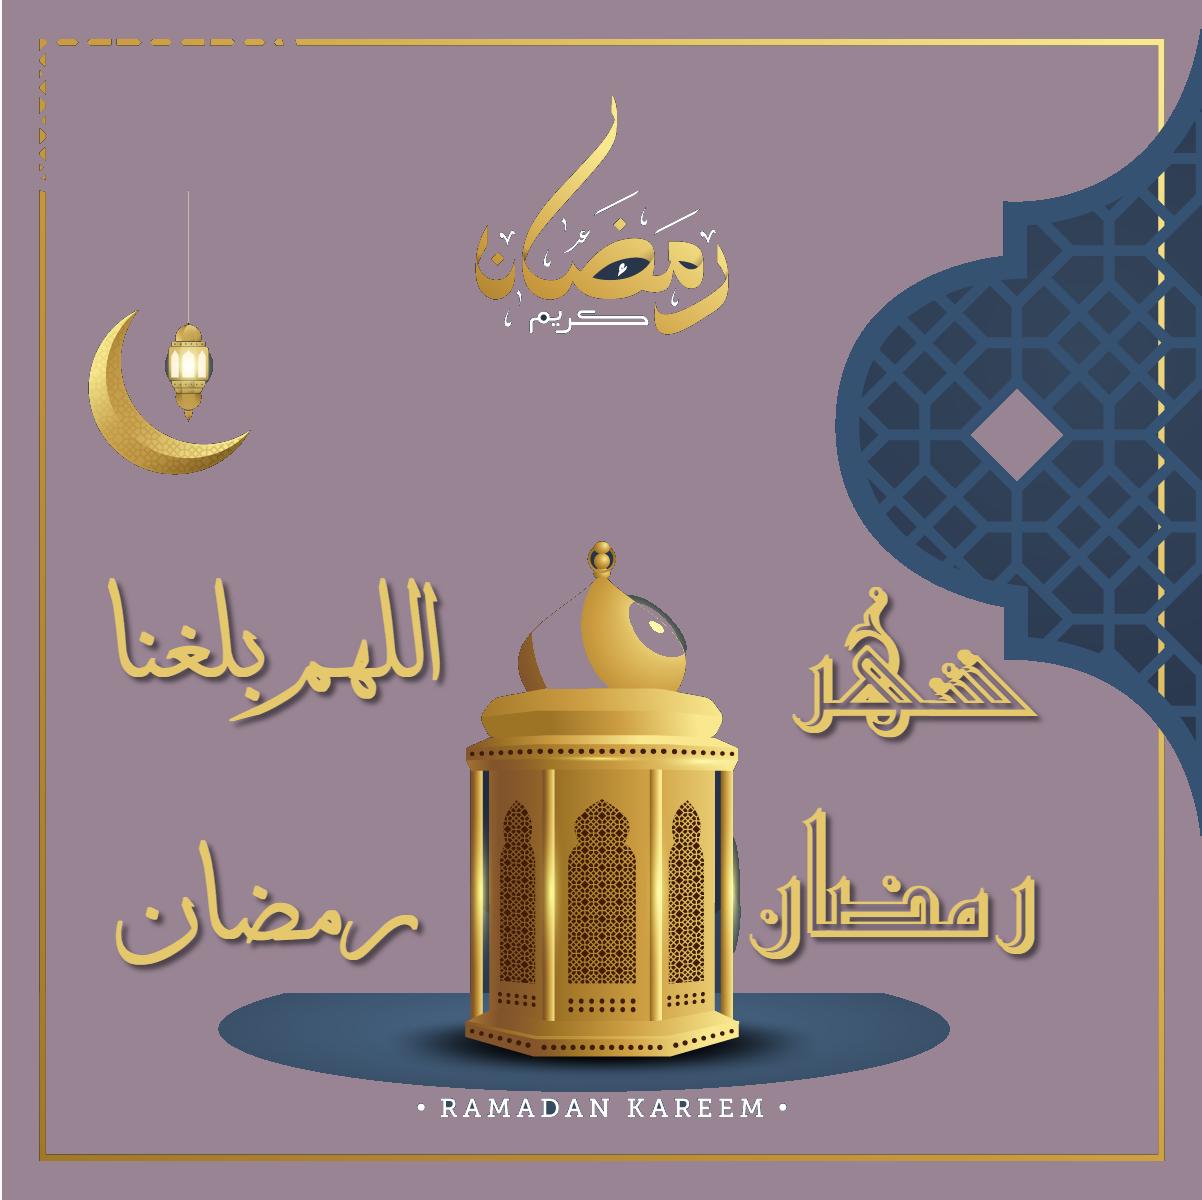 الموعد المتوقع لشهر رمضان 2020 1441 الجمعة 24 4 2020